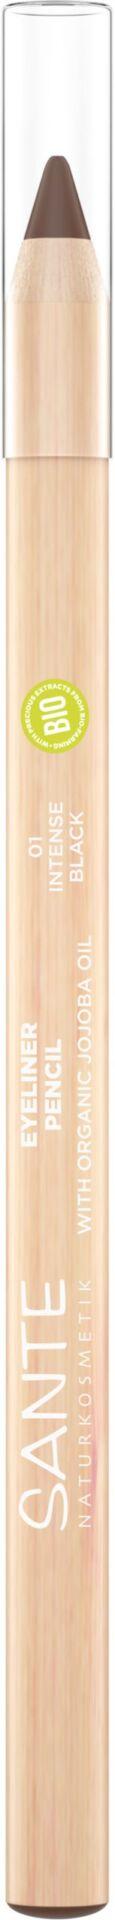 Sante Eyeliner Pencil 02 Deep Brown 1,14ml